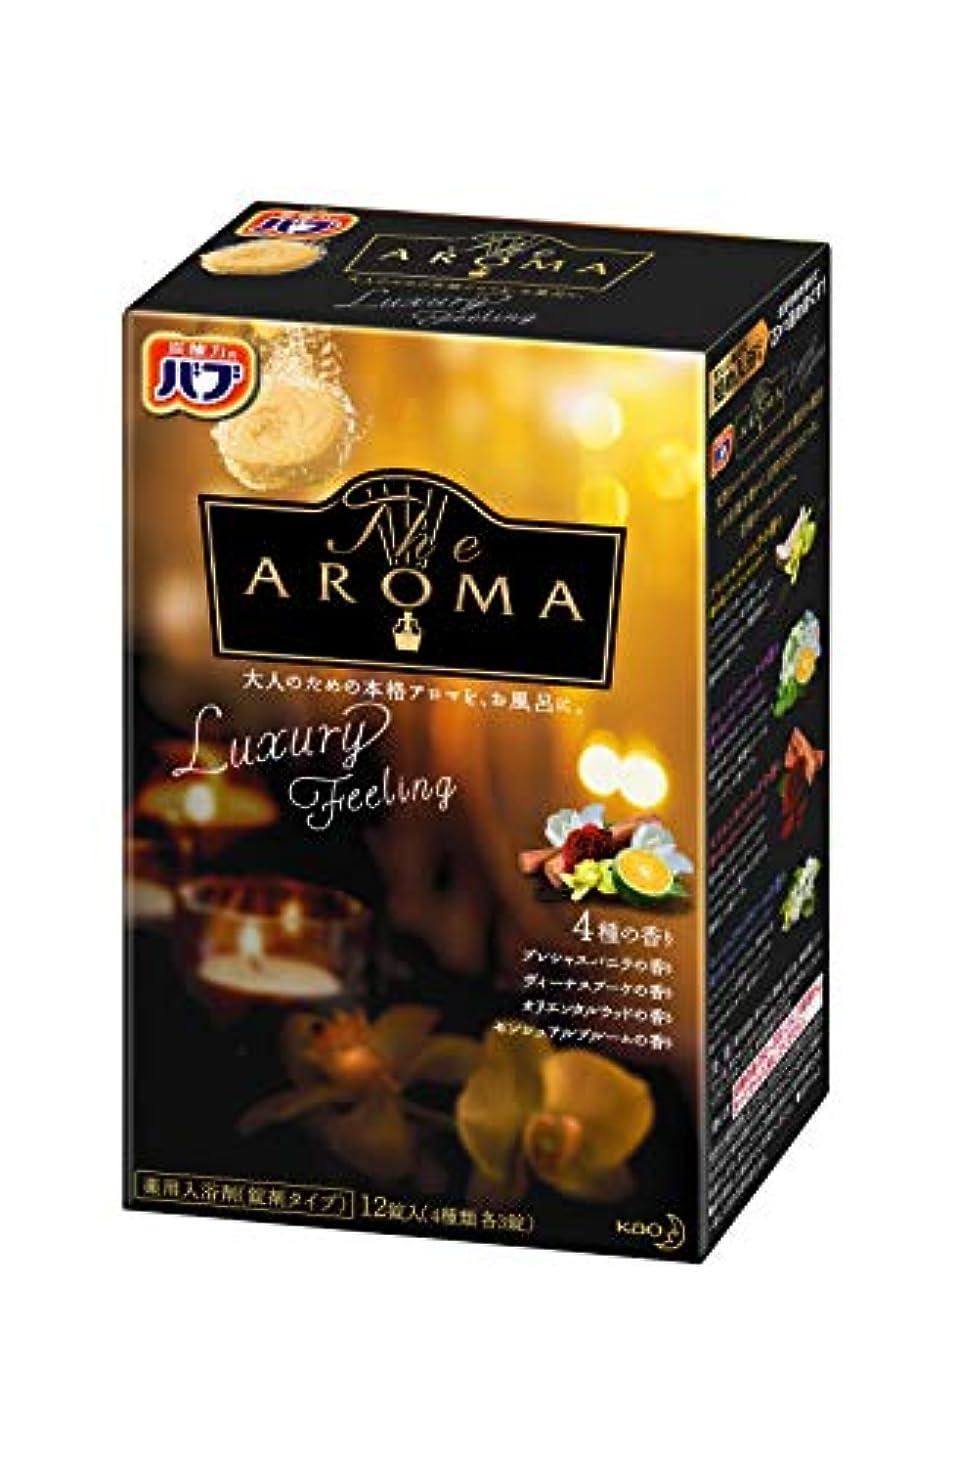 絶対の富流用するバブ The Aroma Luxury Feeling 12錠入 (4種類各3錠入)